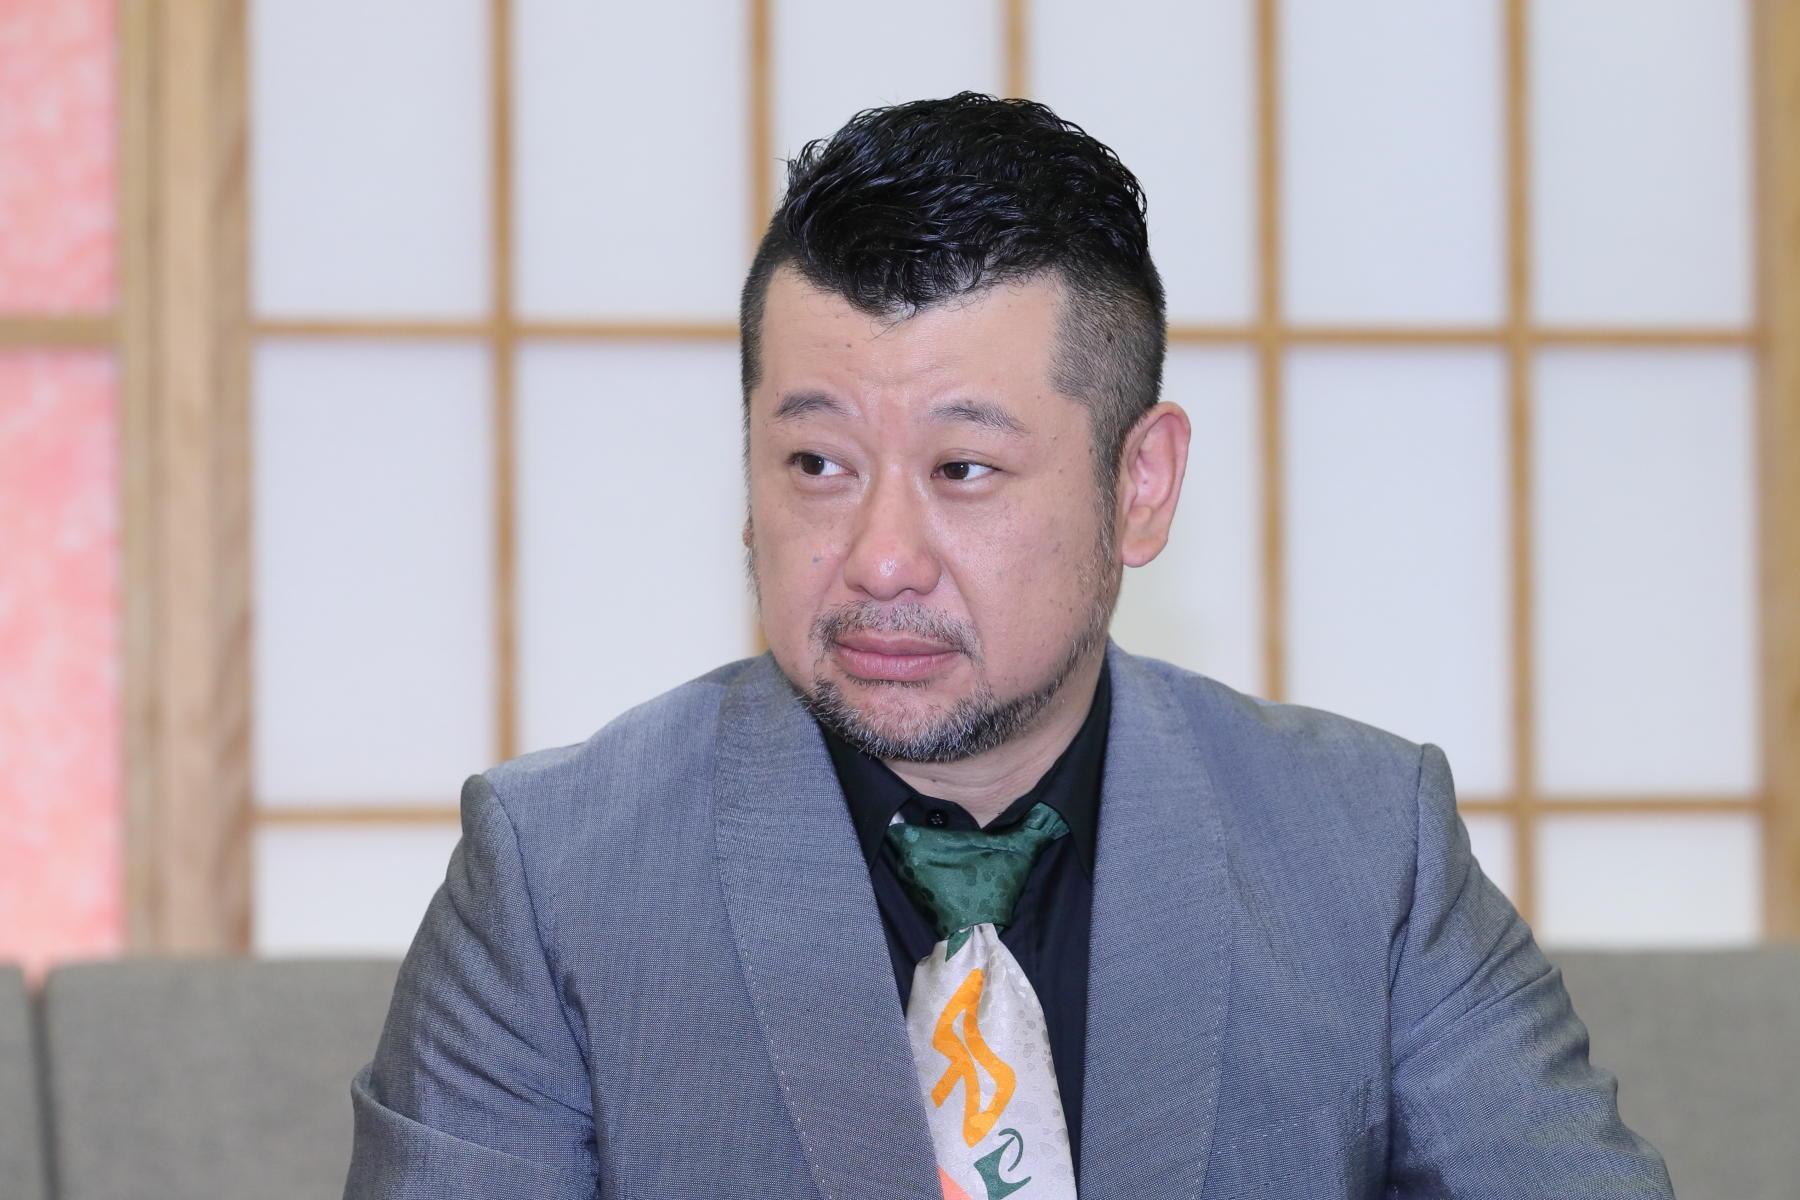 http://news.yoshimoto.co.jp/20180706232040-ce7e6cbf54f604541169f7825eb07d3524458570.jpg